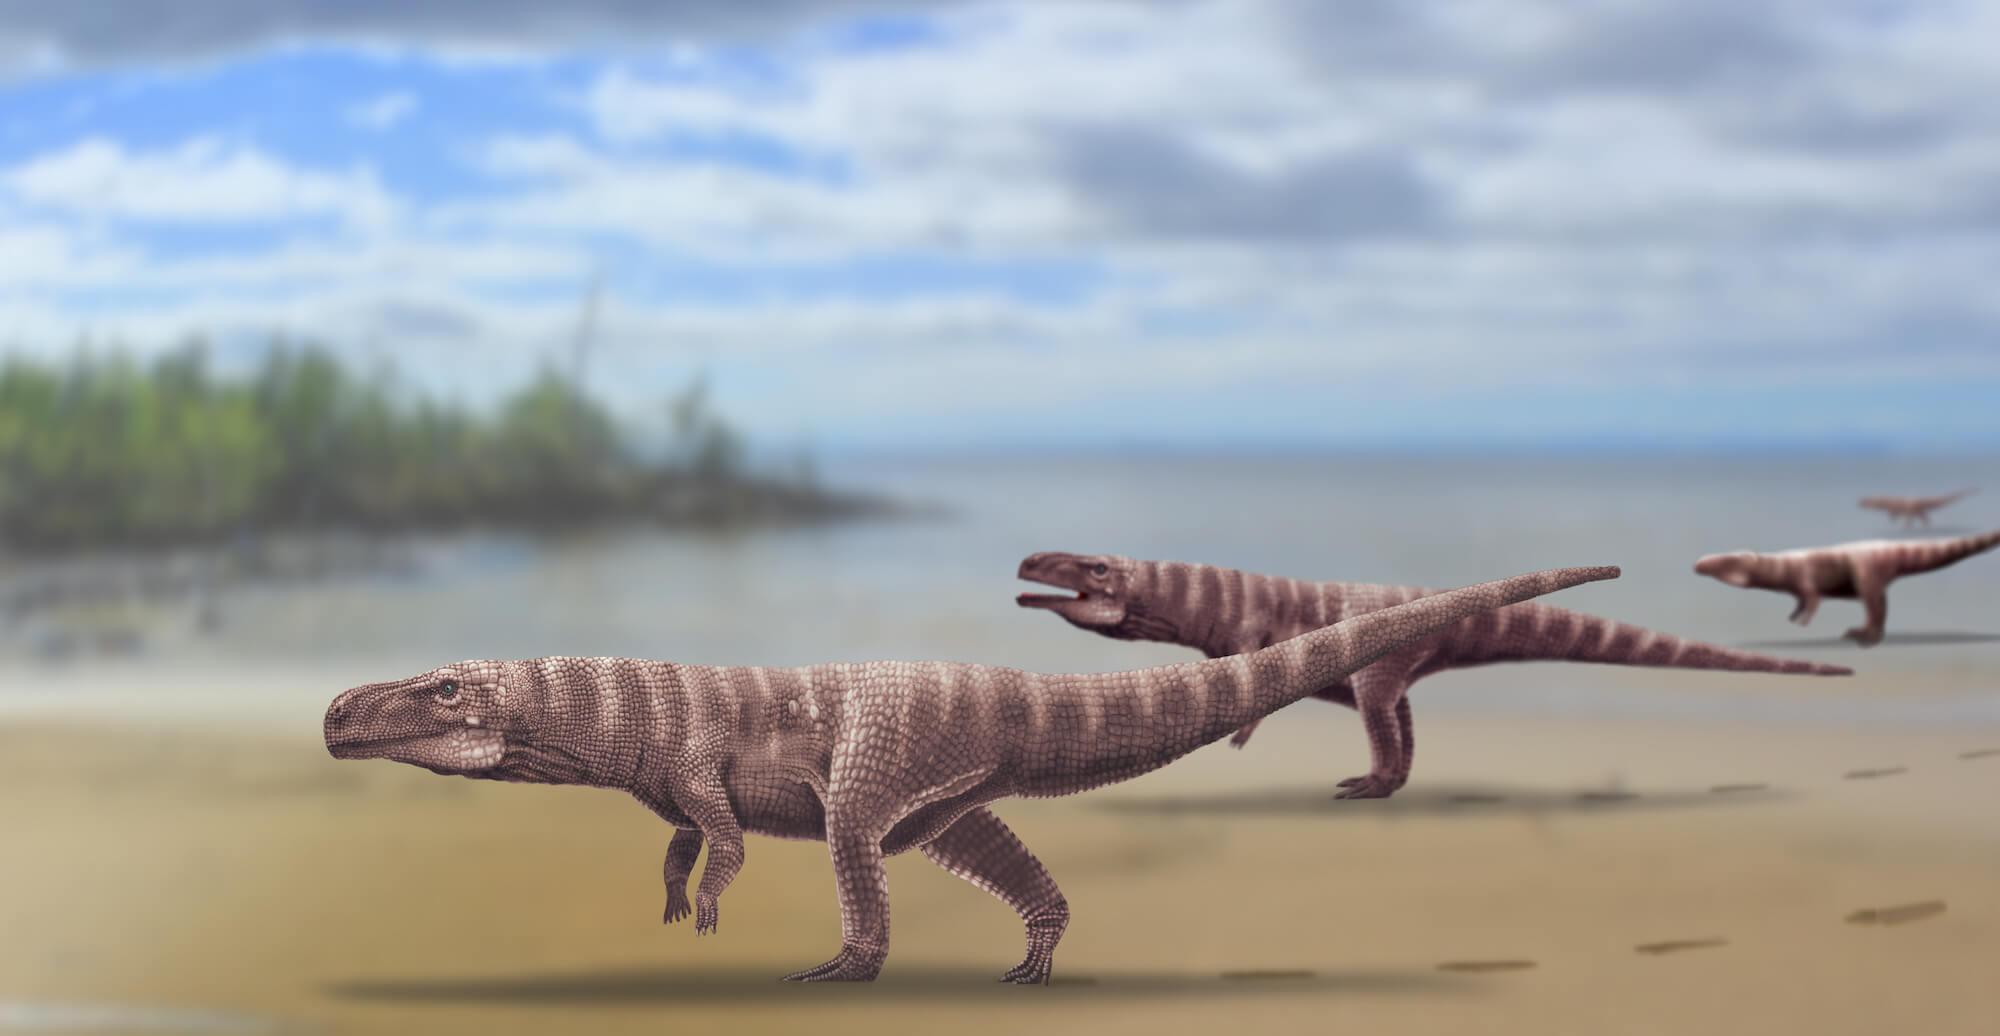 Миллионы лет назад предки крокодилов ходили на двух ногах